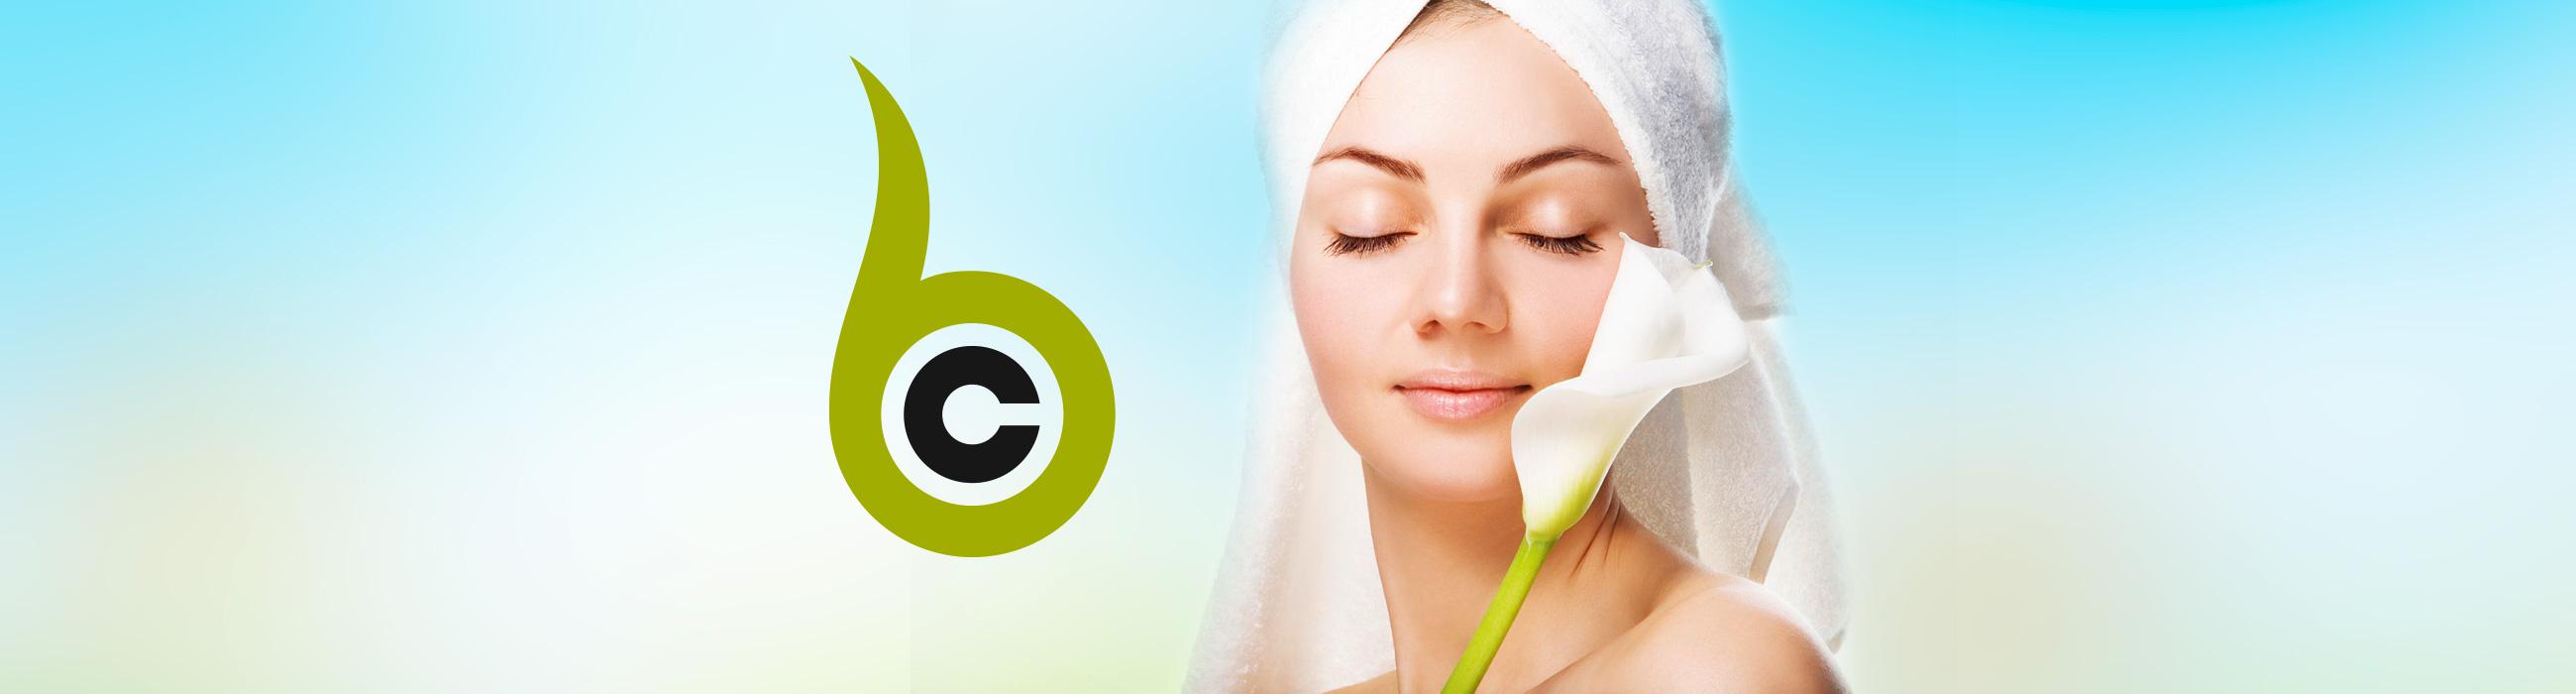 brenda-cosmetics-header